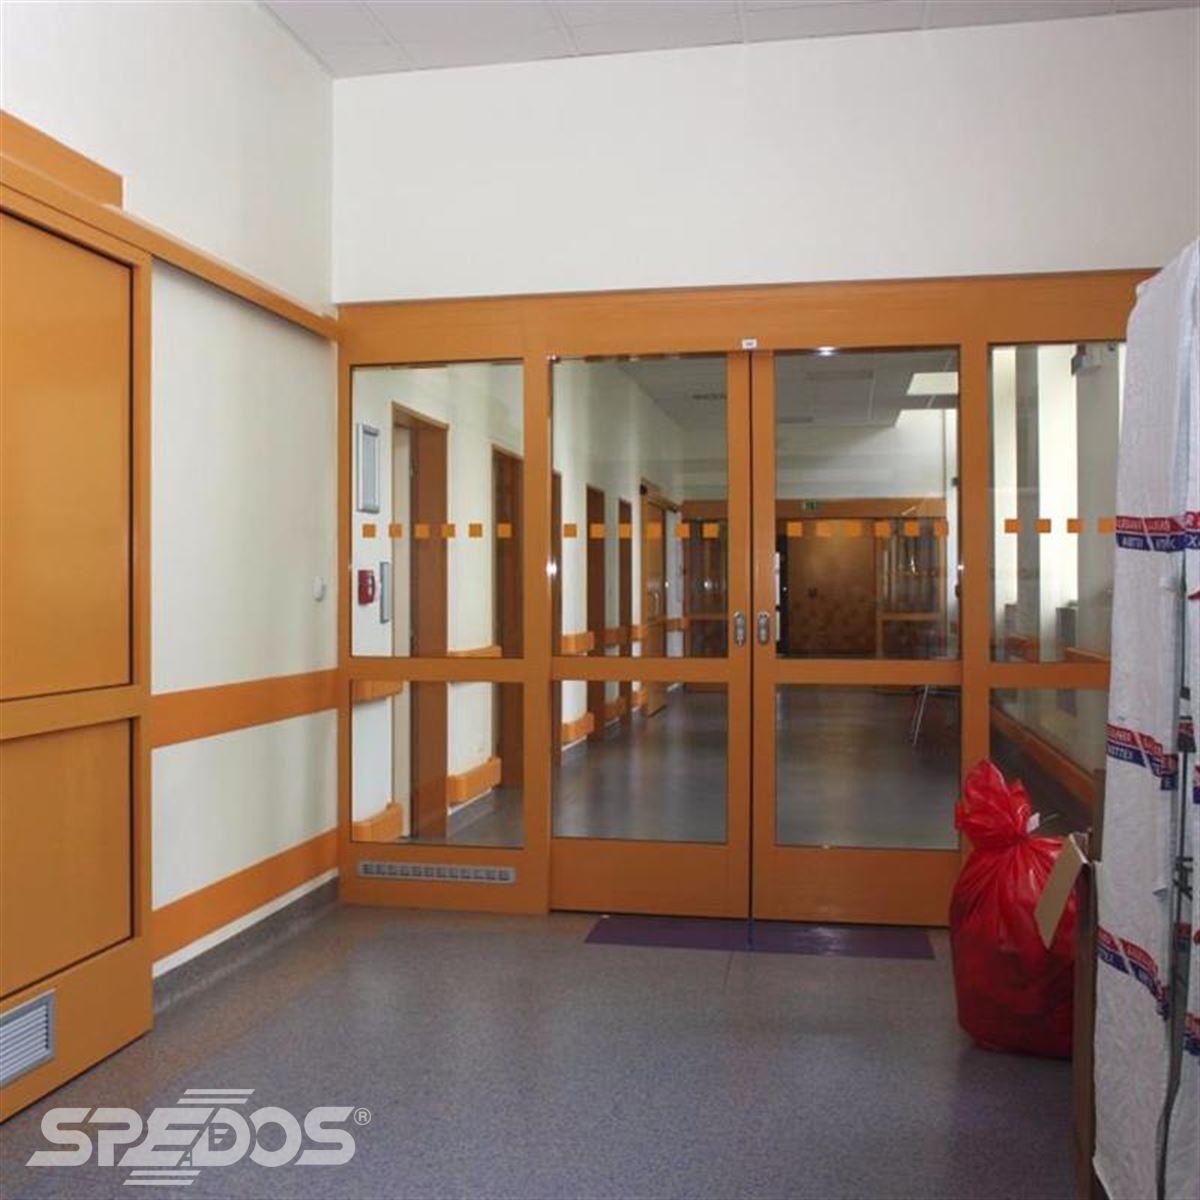 Dvoukřídlé automatické dveře v béžové barvě